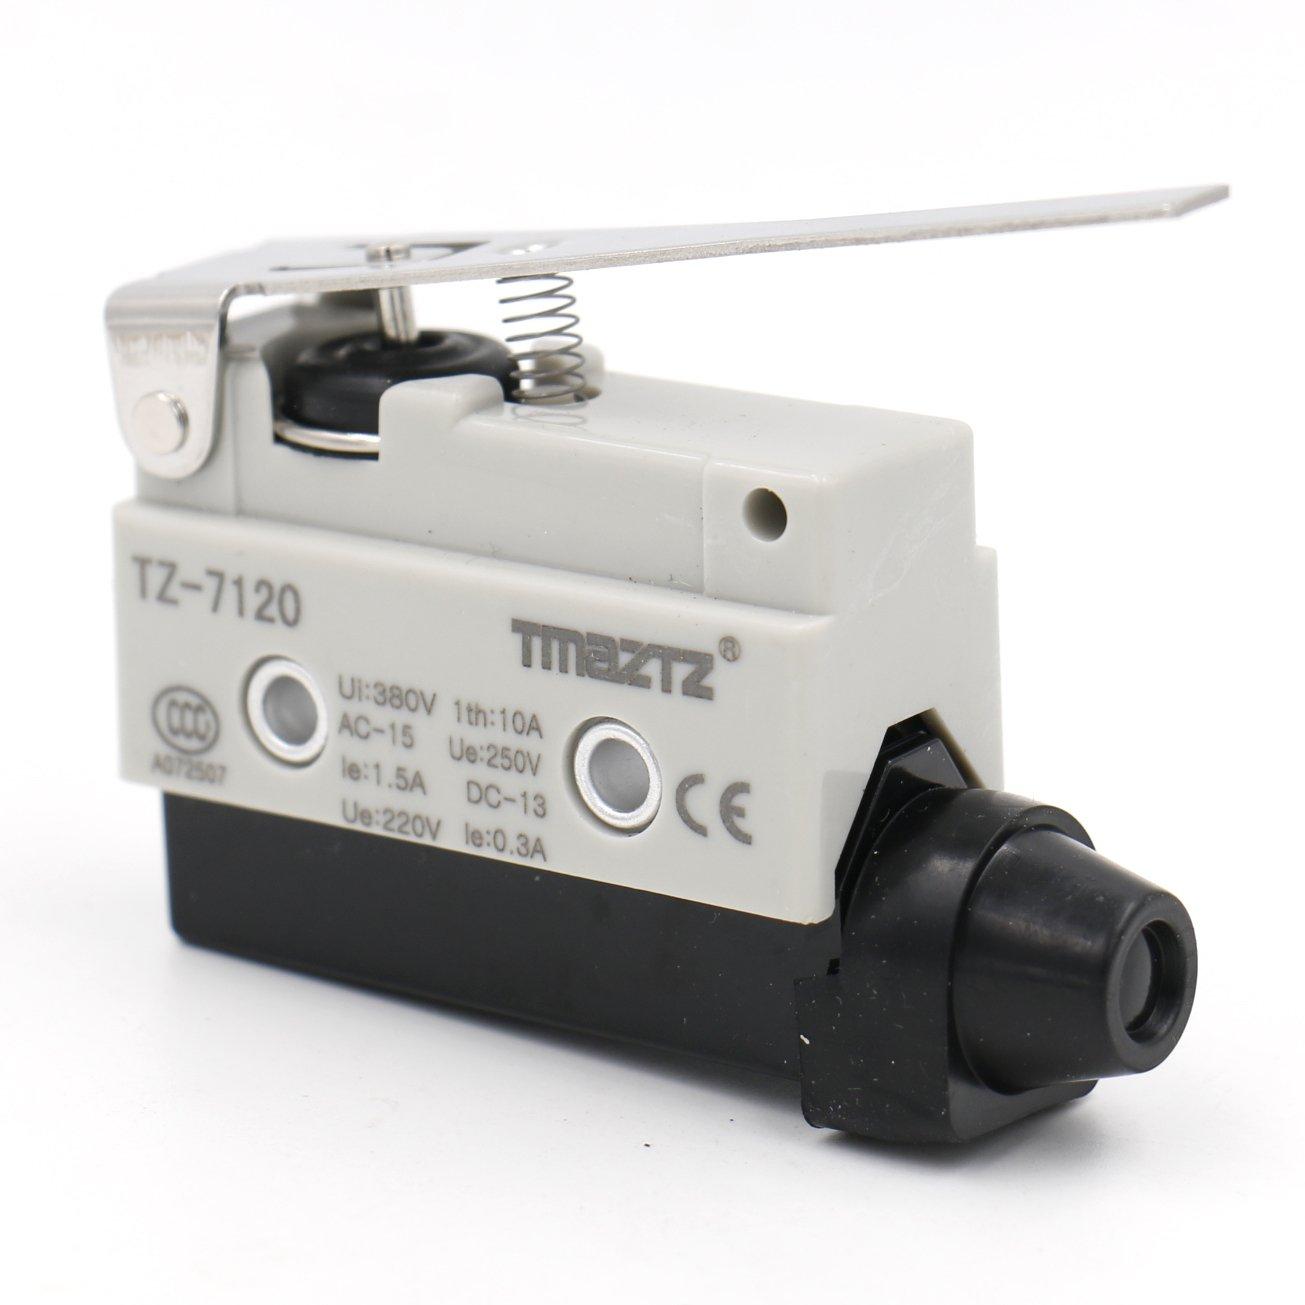 Heschen horizontal Limit commutateur Tz-7120 Momentray Charniè re Levier actionneur AC 380 V 10 A unipolaire Yongde Industrial switch